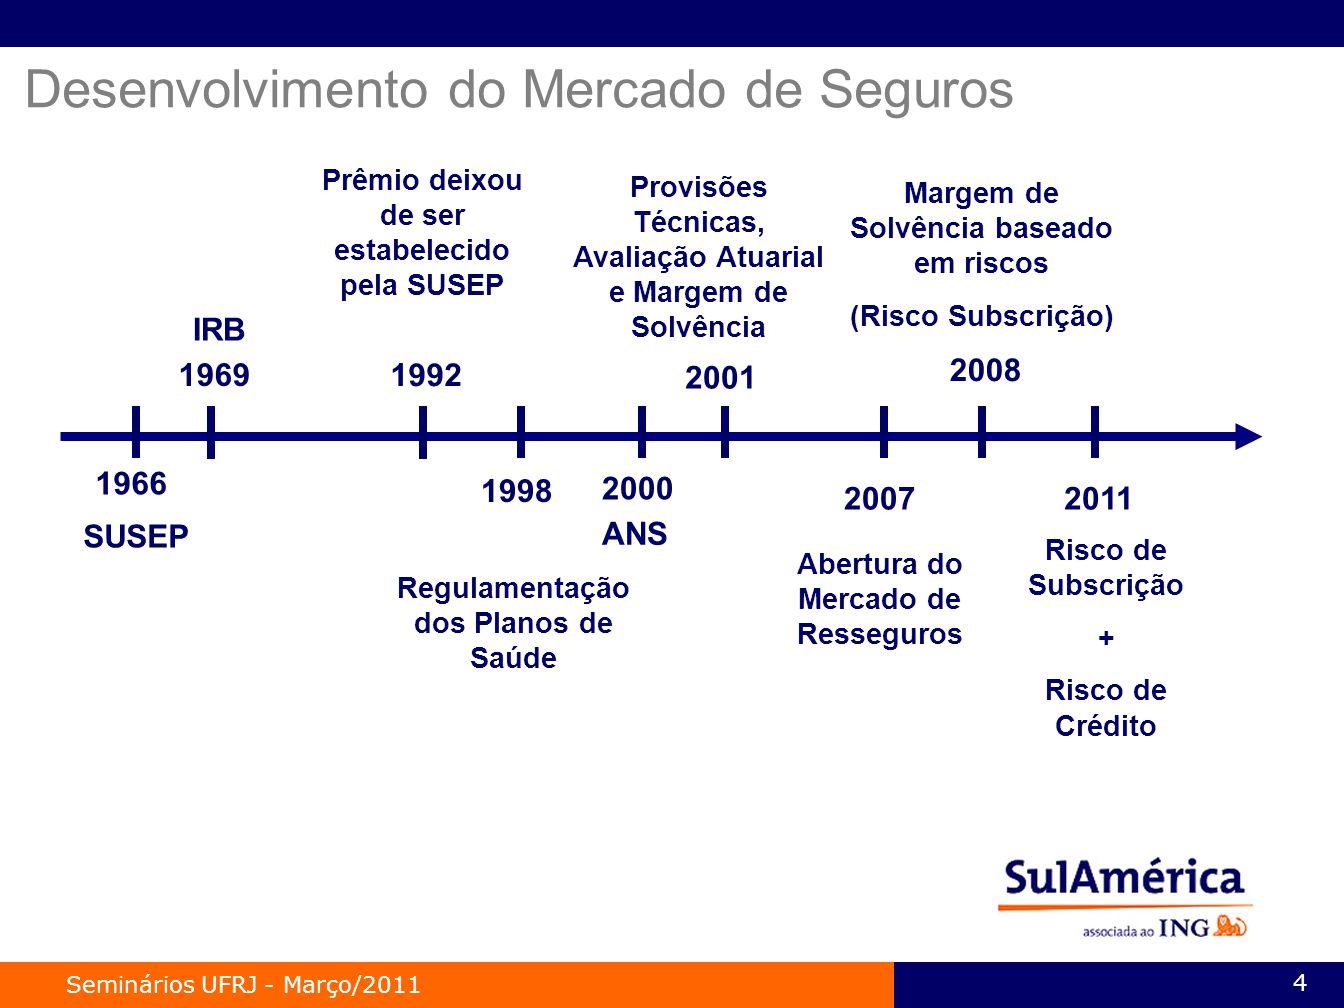 Seminários UFRJ - Março/2011 4 Desenvolvimento do Mercado de Seguros SUSEP IRB Prêmio deixou de ser estabelecido pela SUSEP 1998 Regulamentação dos Planos de Saúde 2000 1992 1969 1966 ANS 2001 Provisões Técnicas, Avaliação Atuarial e Margem de Solvência 2007 Abertura do Mercado de Resseguros 2008 Margem de Solvência baseado em riscos (Risco Subscrição) 2011 Risco de Subscrição + Risco de Crédito